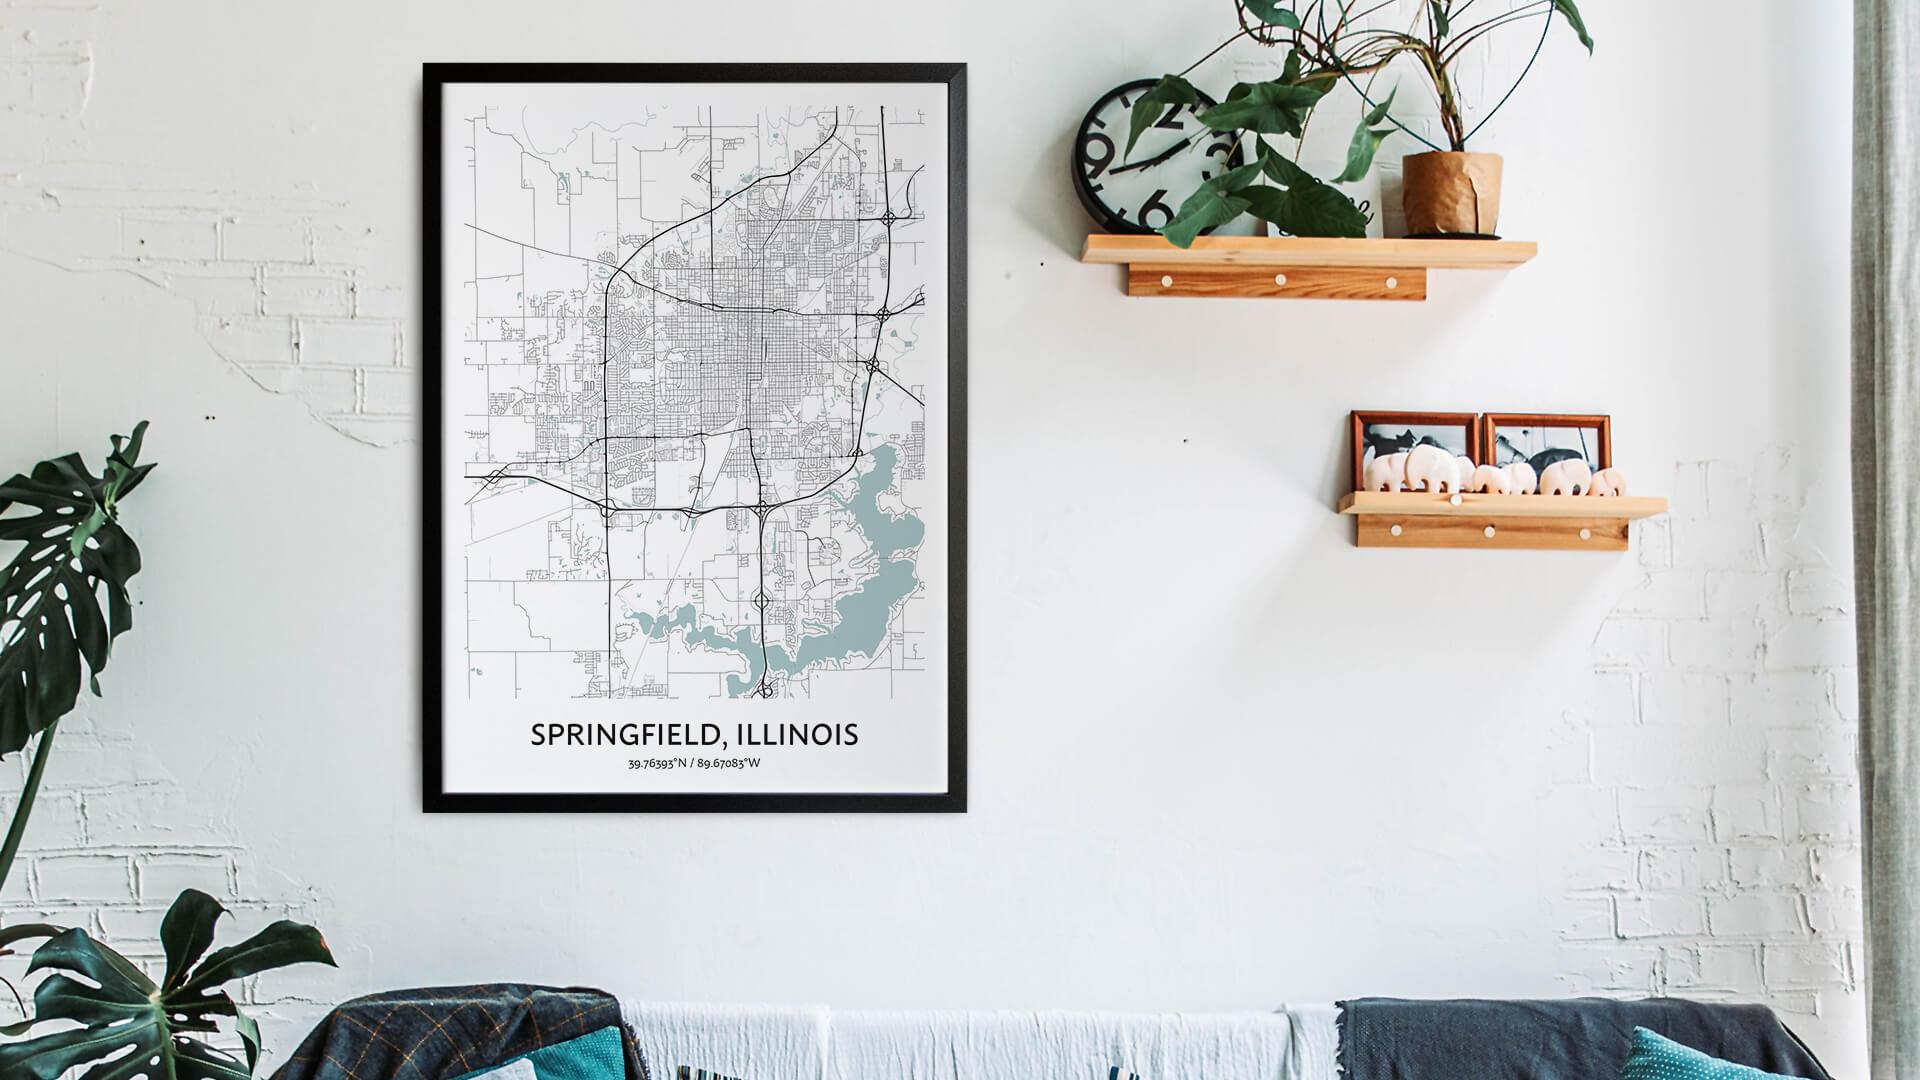 Springfield Illinois map art